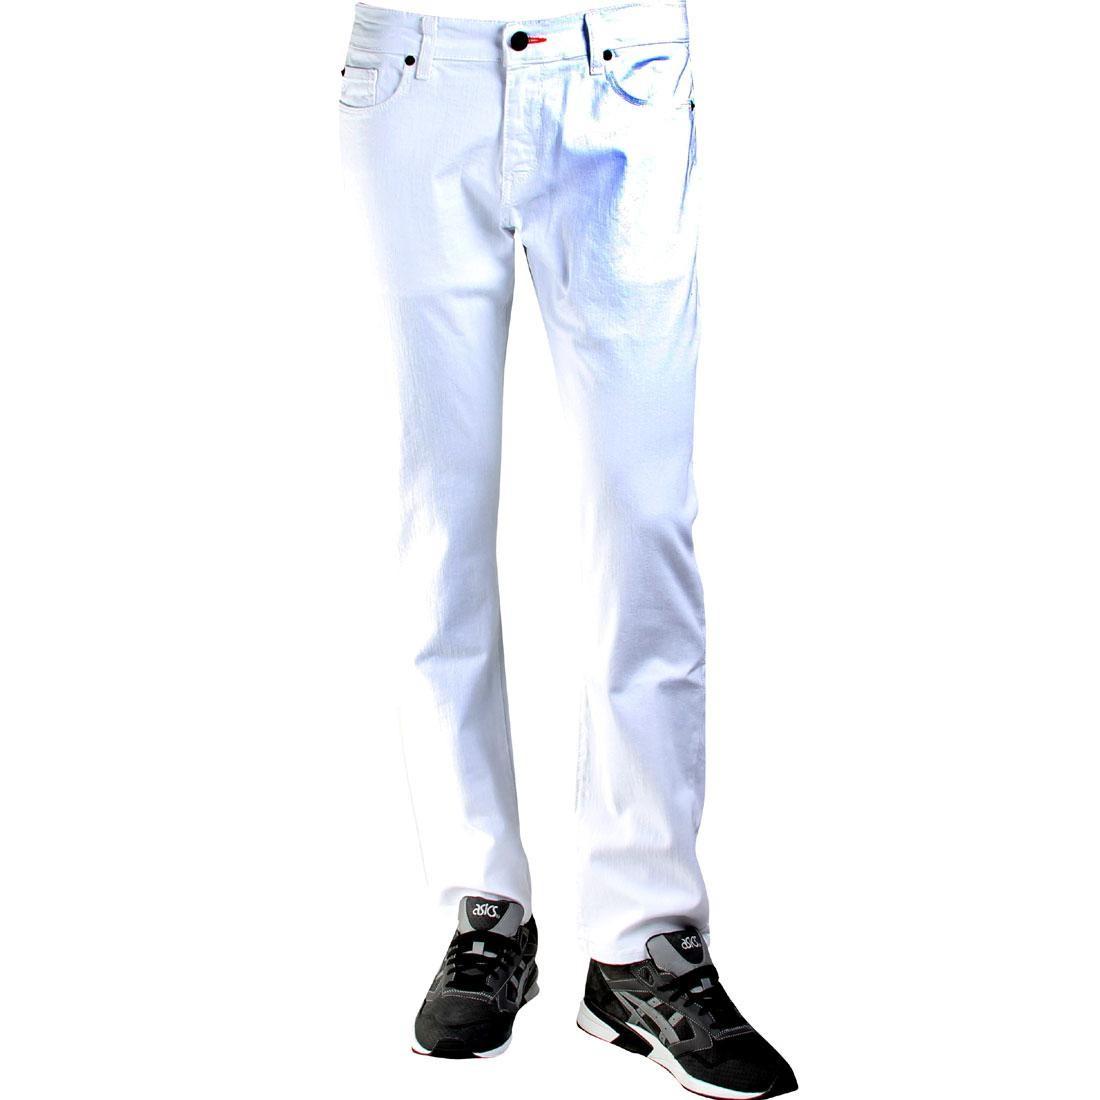 【海外限定】スタンダード パンツ メンズファッション 【 STANDARD BLKWD THE JEANS WHITE 】